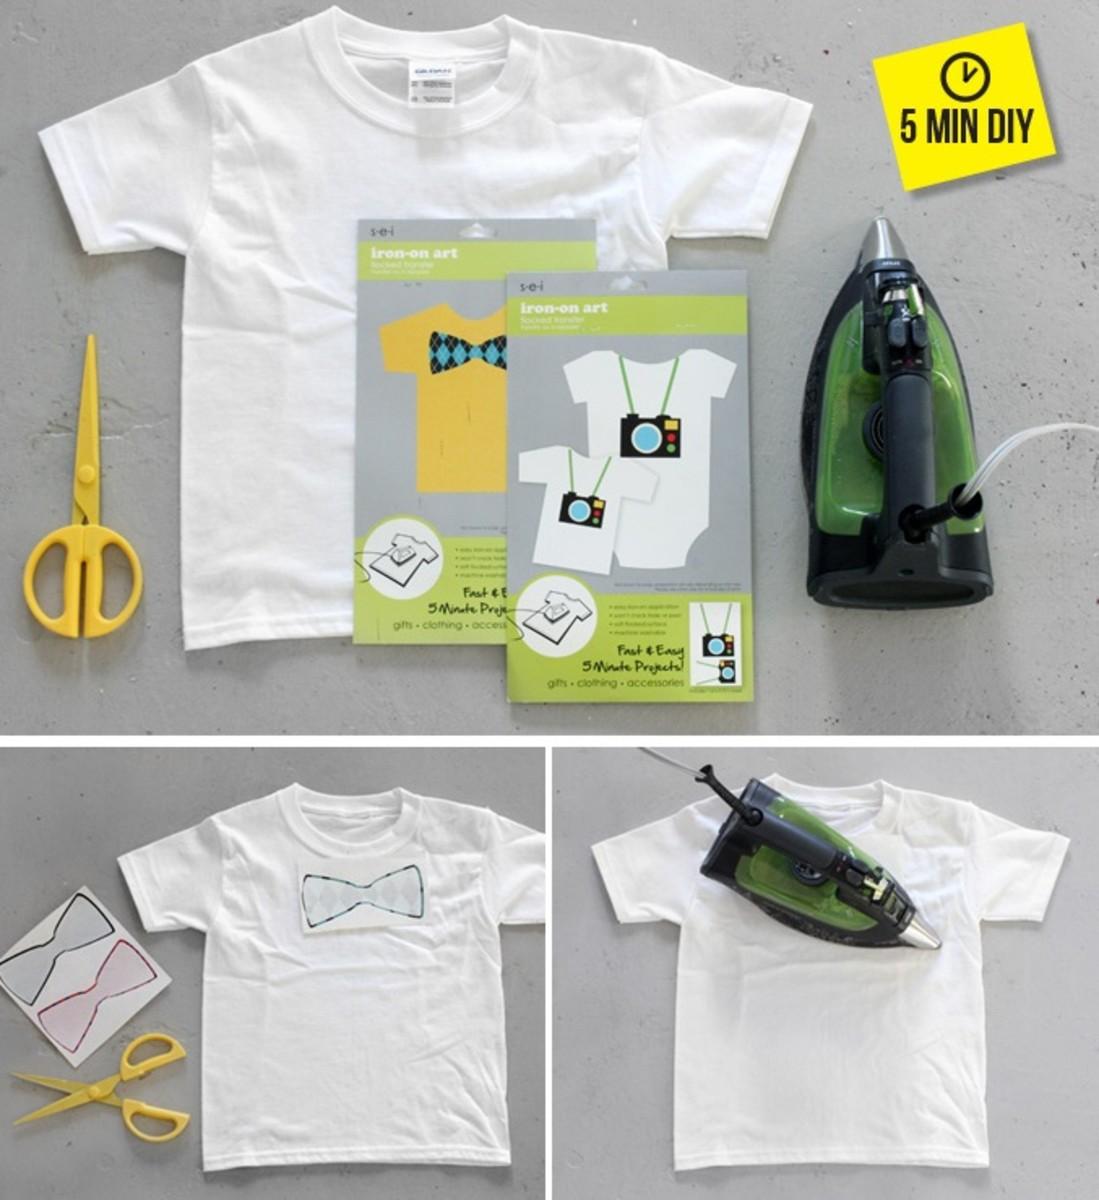 5 Minute Graphic DIY Kids Tee